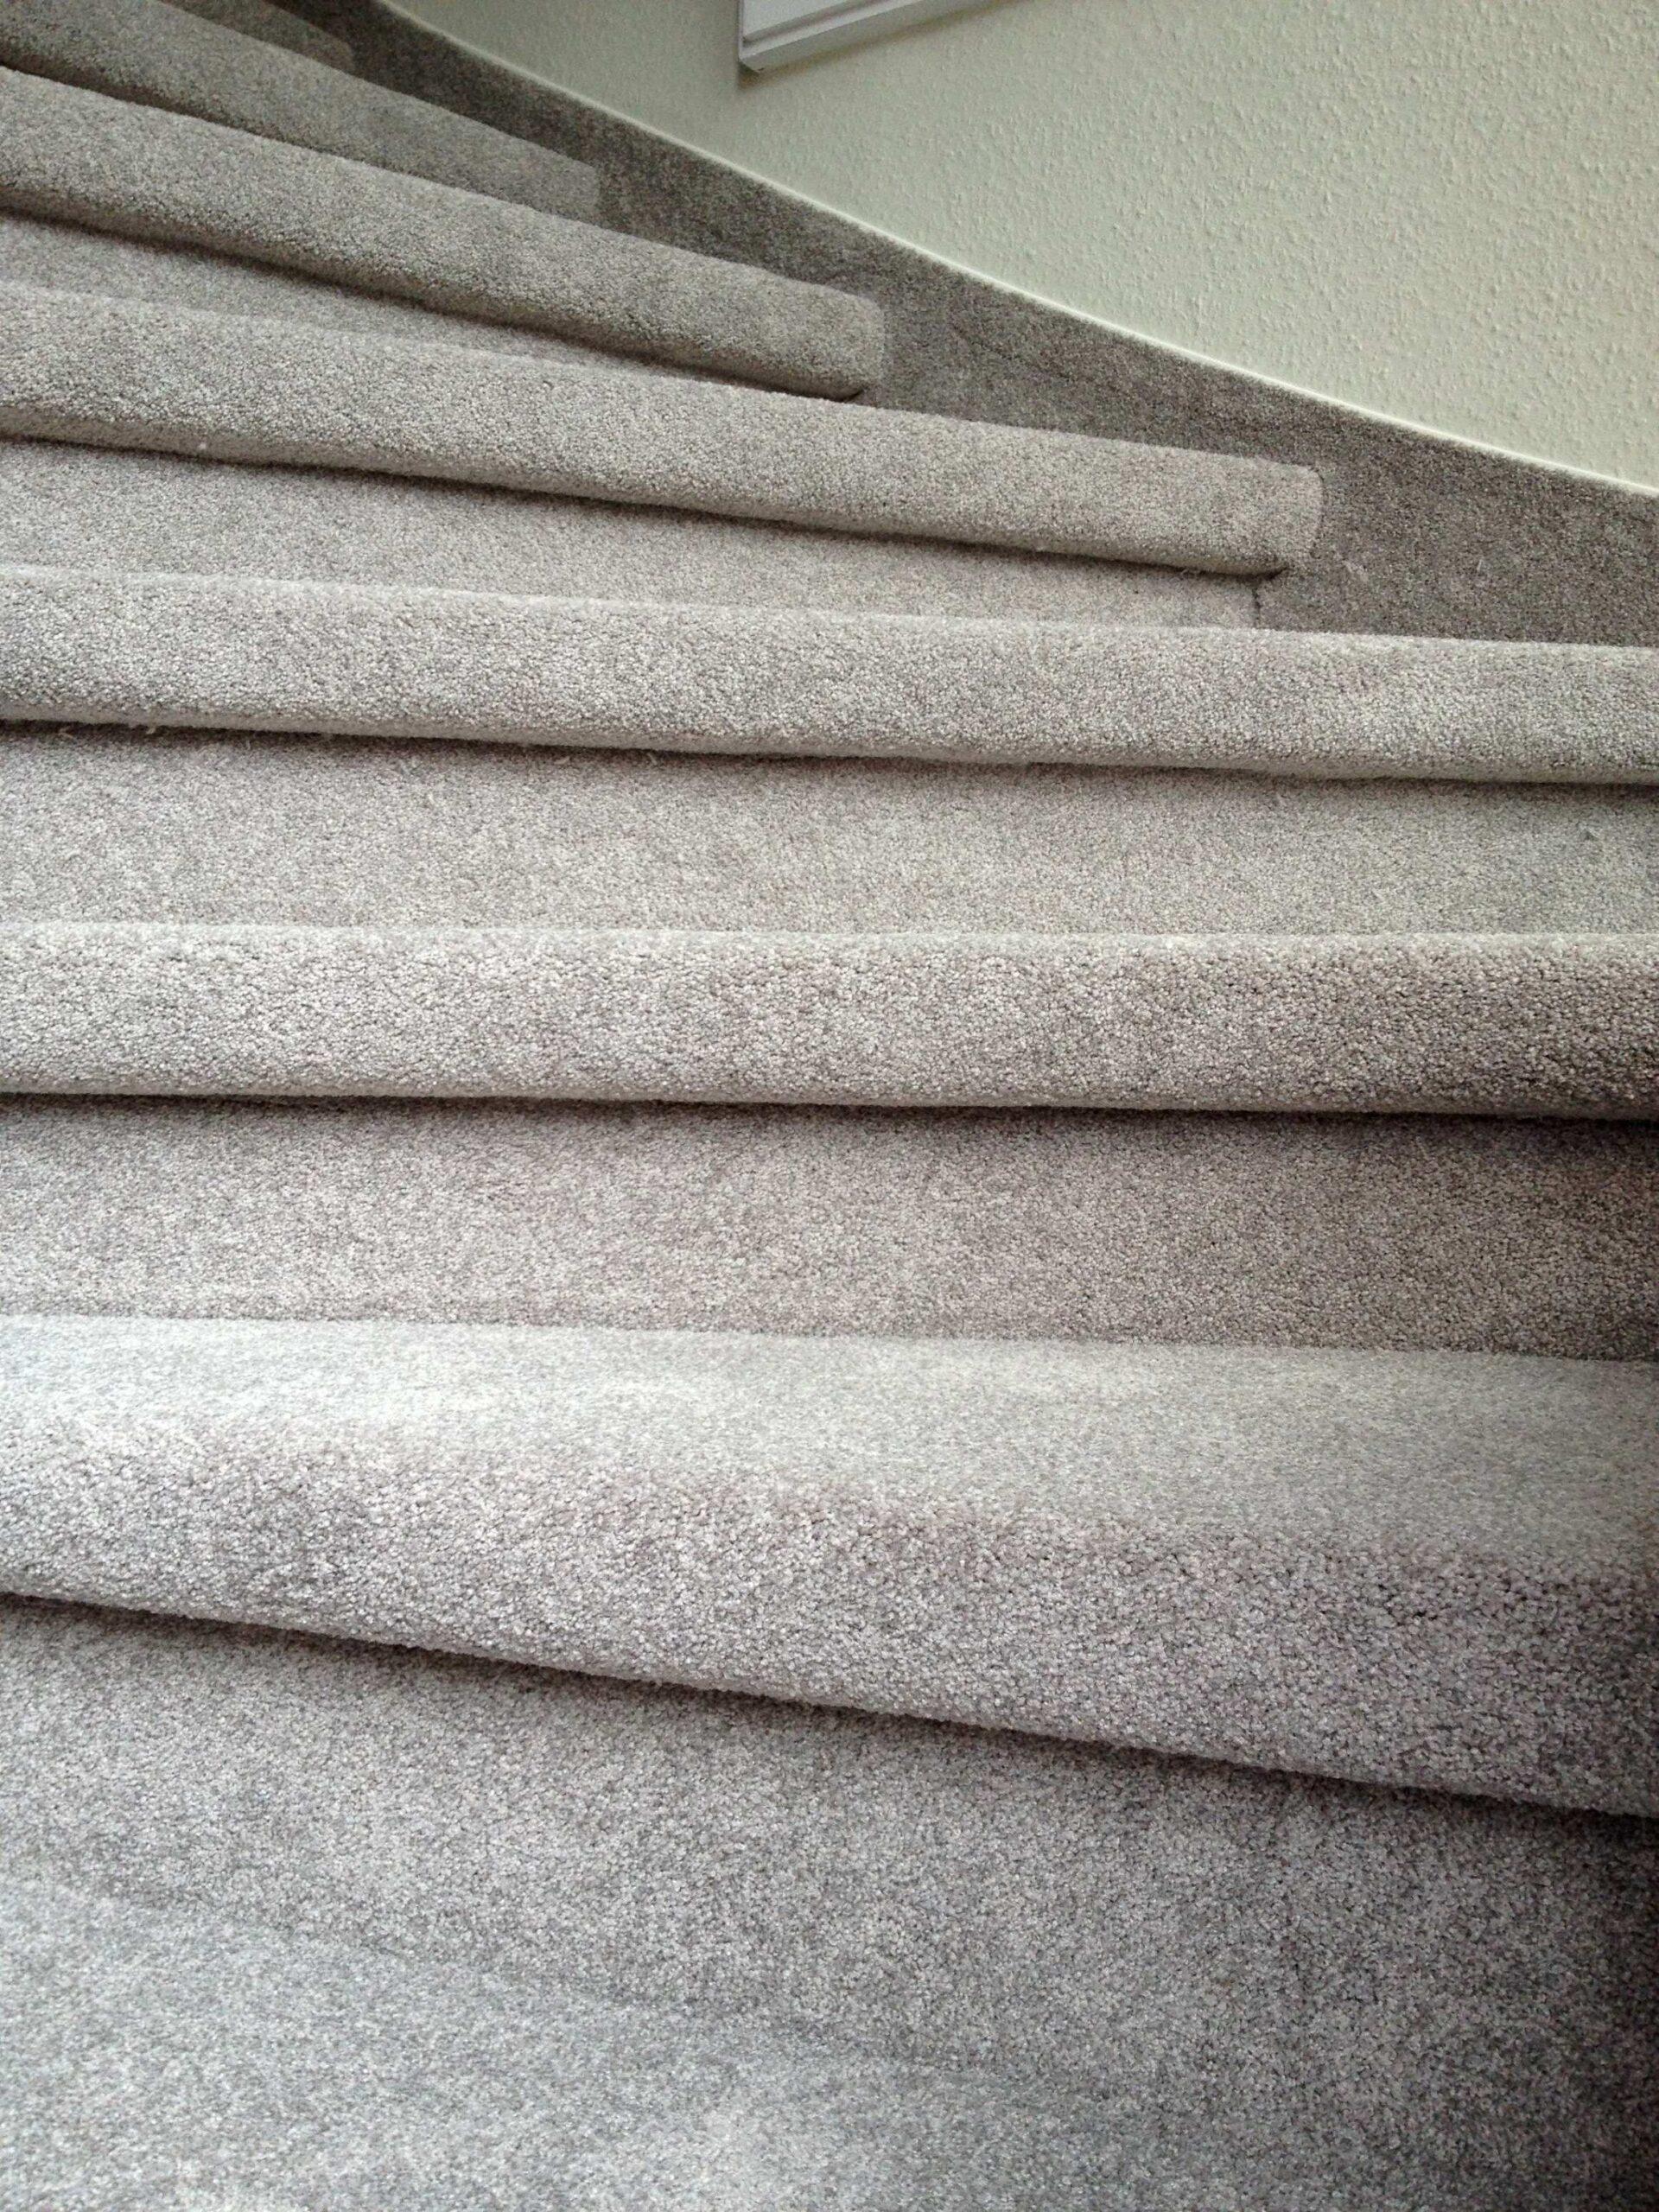 Full Size of Teppich Lufer Rot Frisch Flur Ikea Tolles Wohnzimmer Ideen Betten 160x200 Bei Modulküche Küche Kosten Kaufen Miniküche Sofa Mit Schlaffunktion Wohnzimmer Küchenläufer Ikea